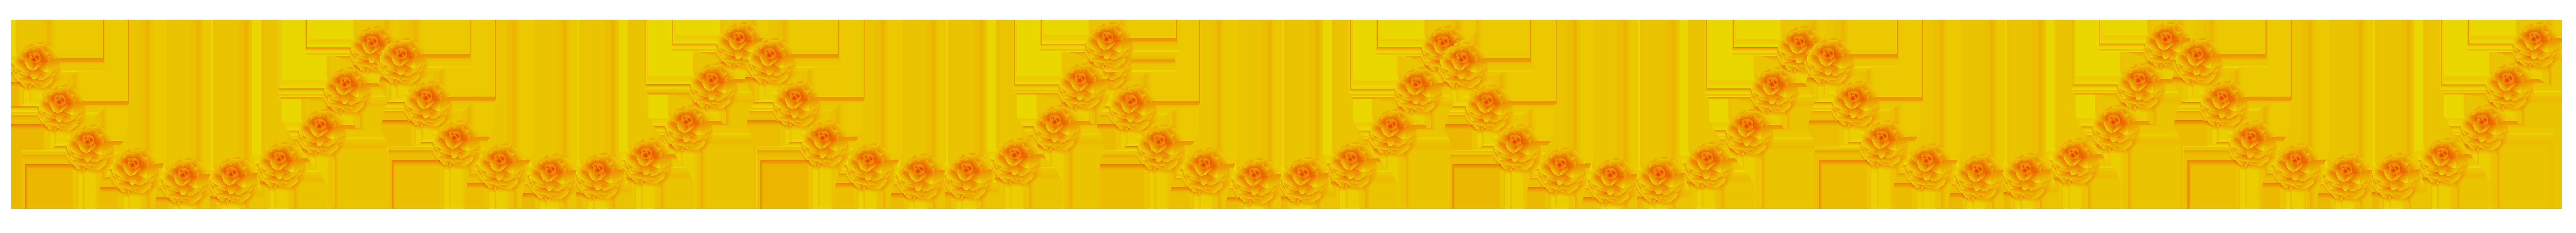 Flower garland png. Transparent clip art image